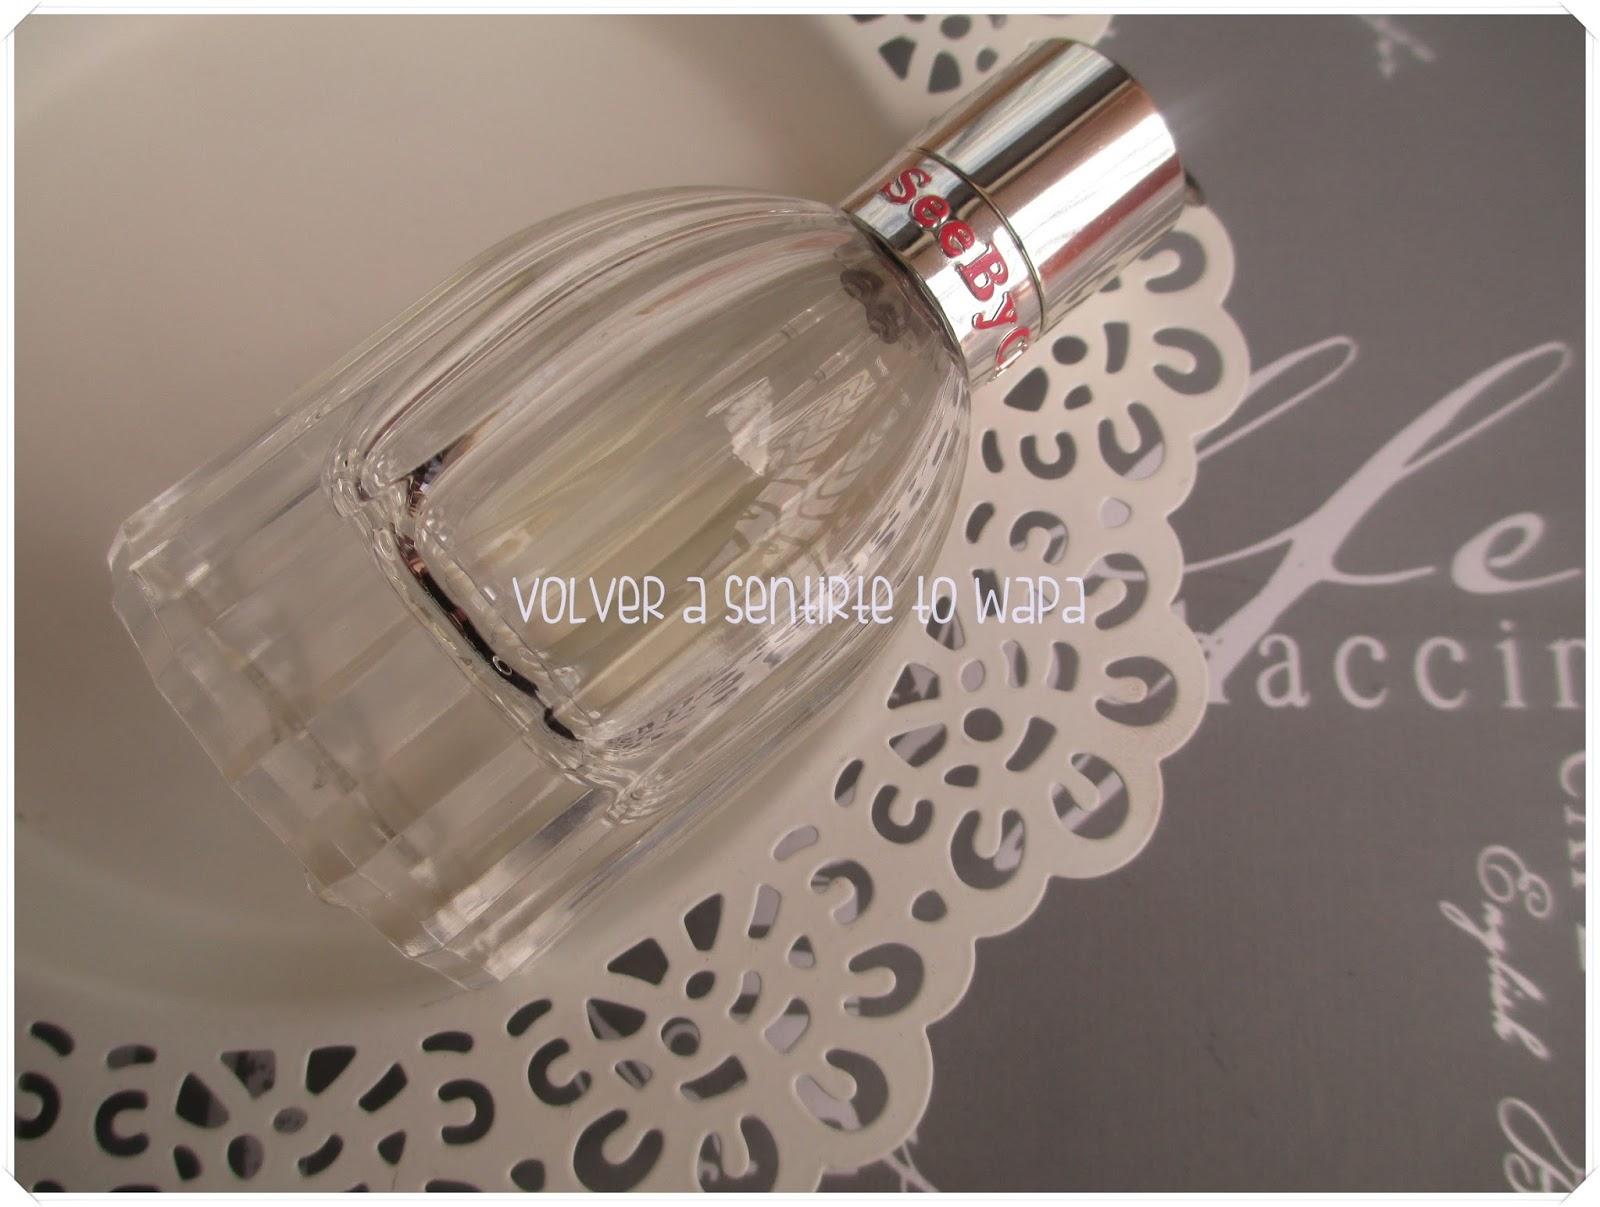 #retobestpackagins - los productos más bonitos - Fragancia See by Chloè